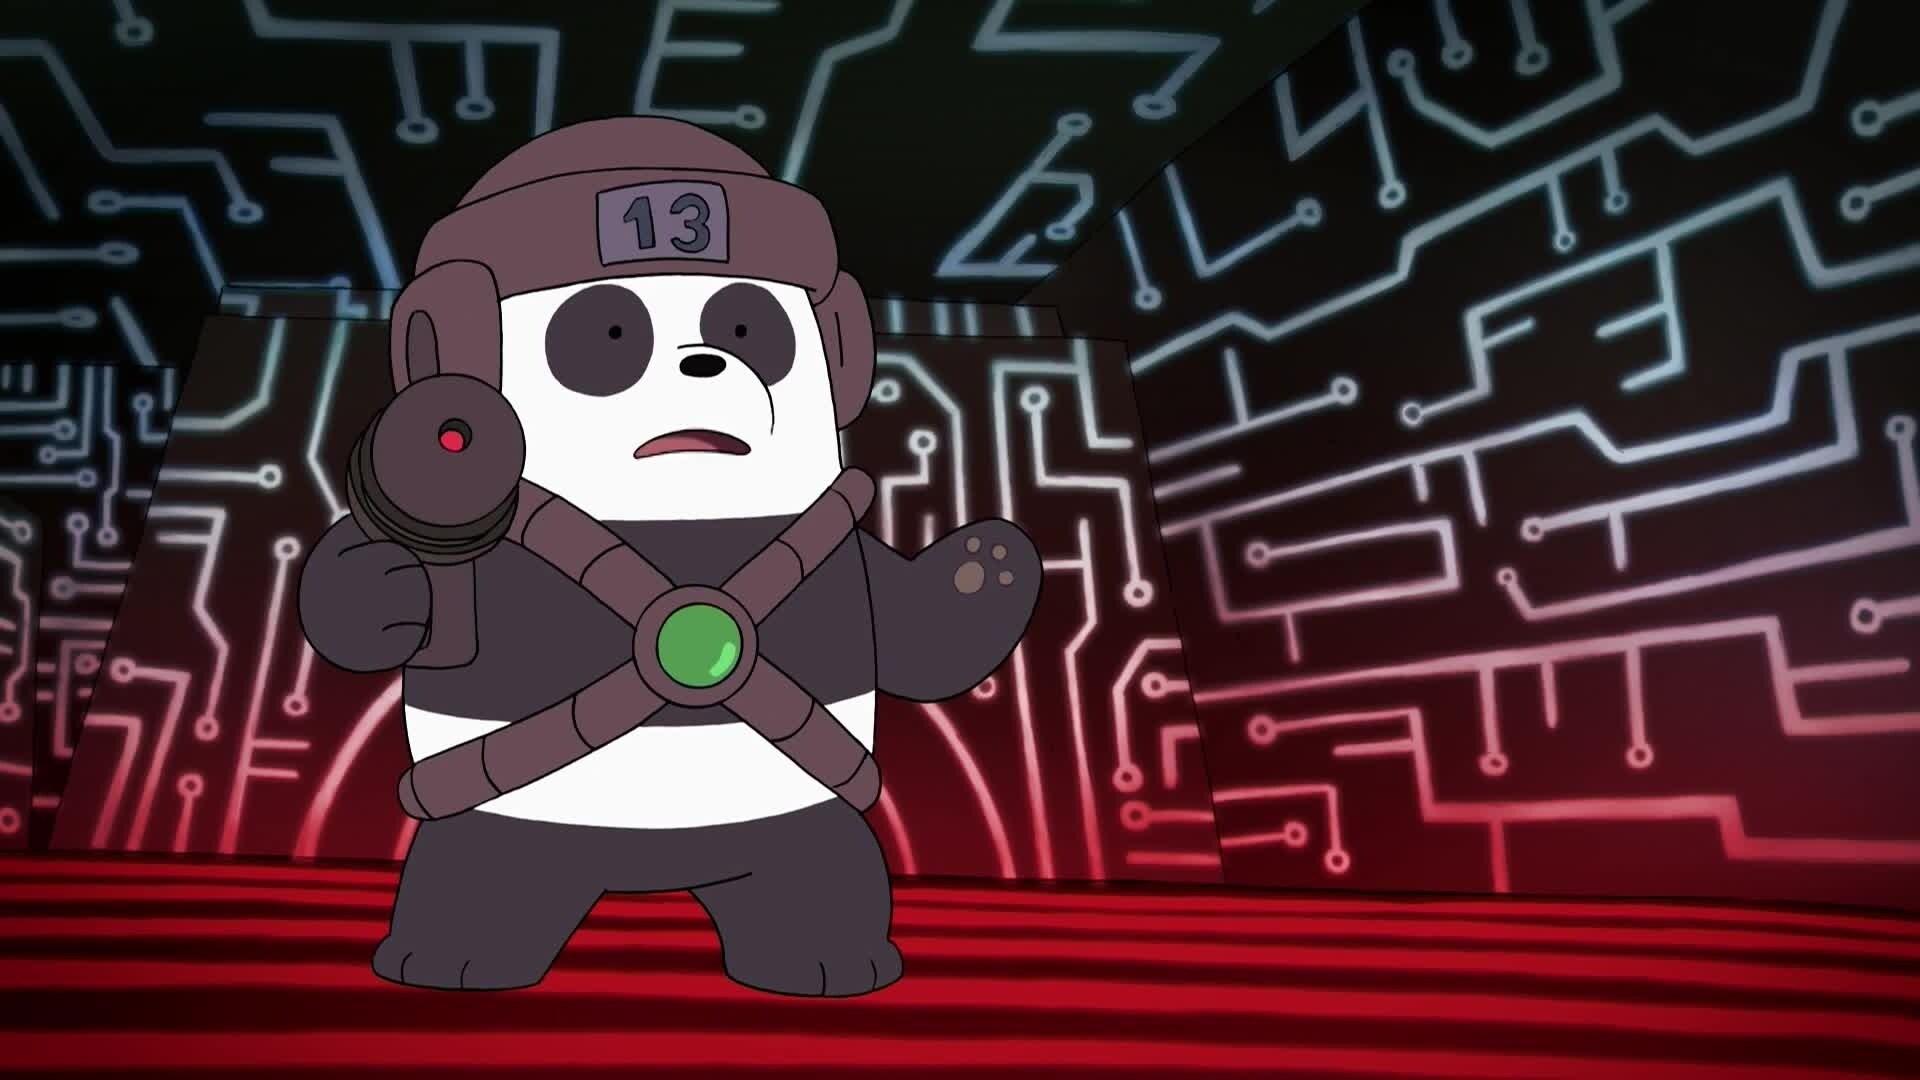 We Bare Bears - Bären wie wir - Wir und die Laser-Schlacht / Wir und die Mitfahrgelegenheit